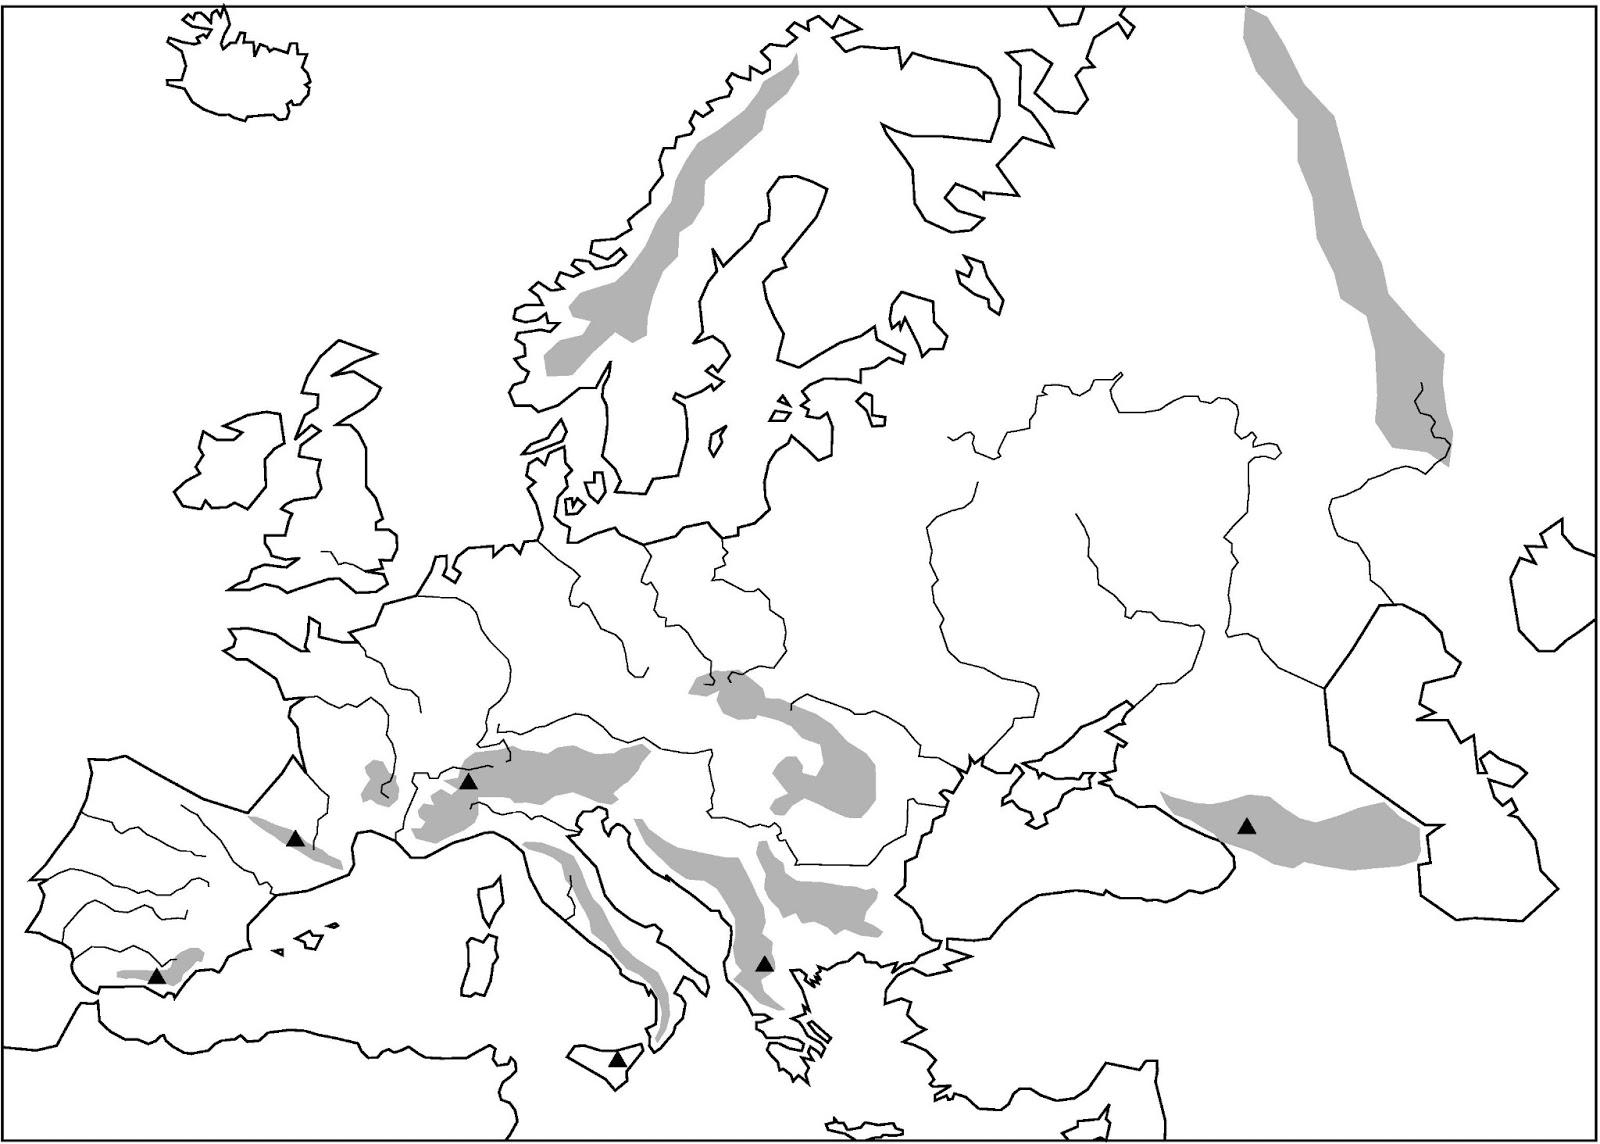 Mapa Fisico Mudo Rios De Europa Para Imprimir.Mapa Mudo Europa Rios